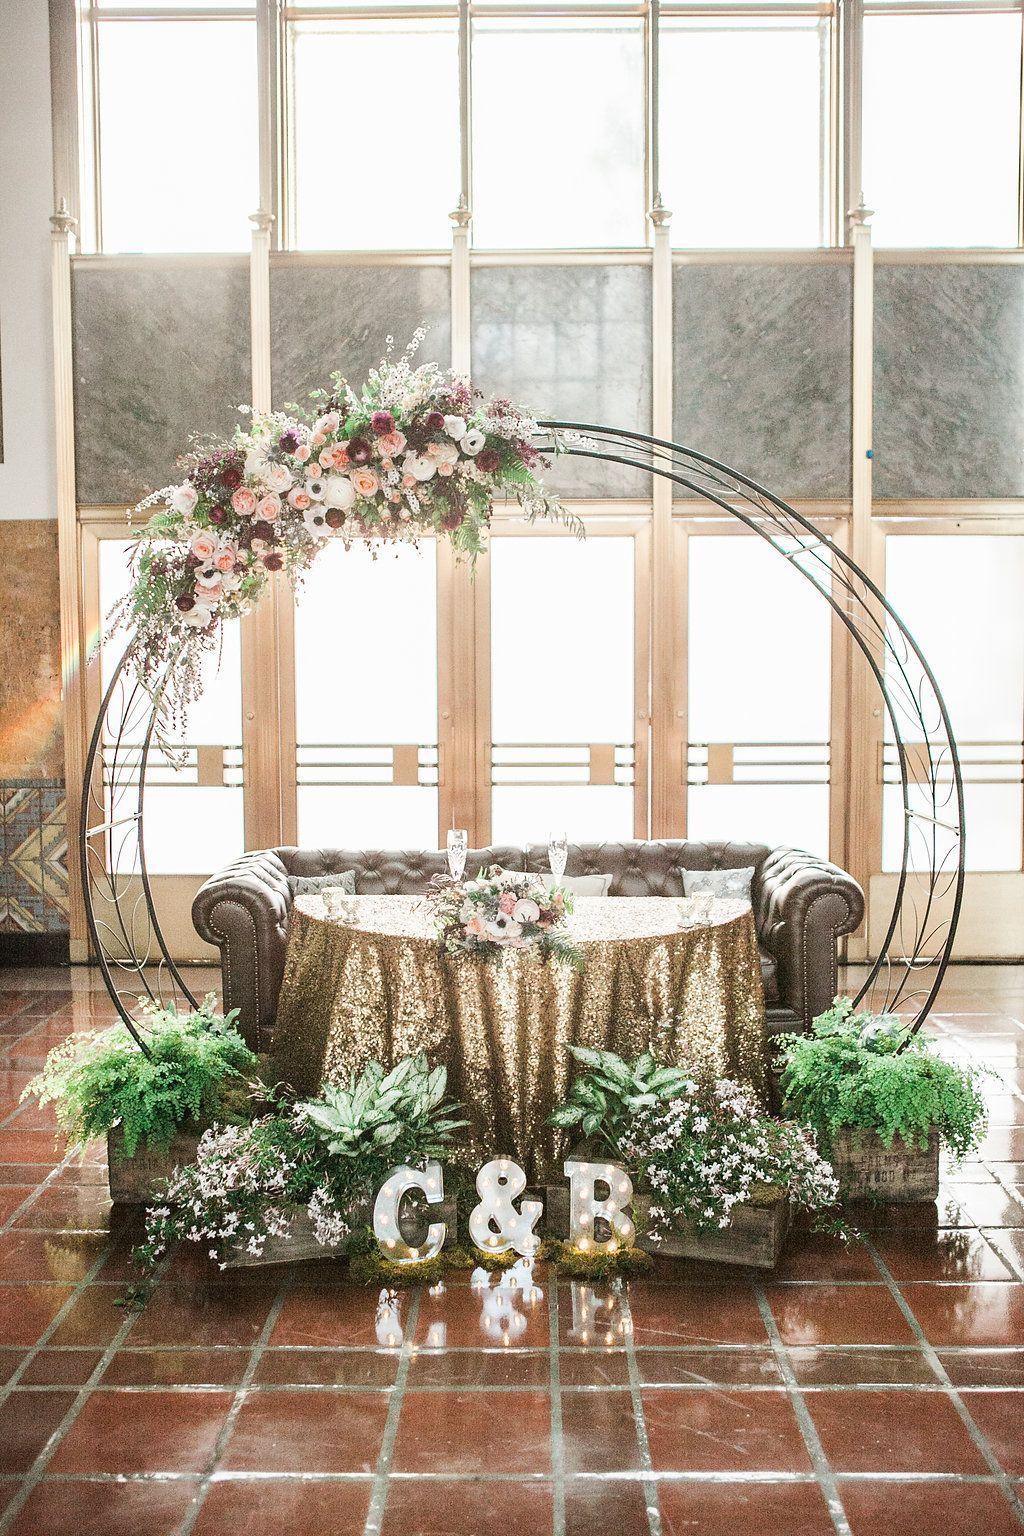 25 Adorable Sweetheart Table Decor Ideas Deco Mariage Champetre Deco Mariage Idee Deco Mariage